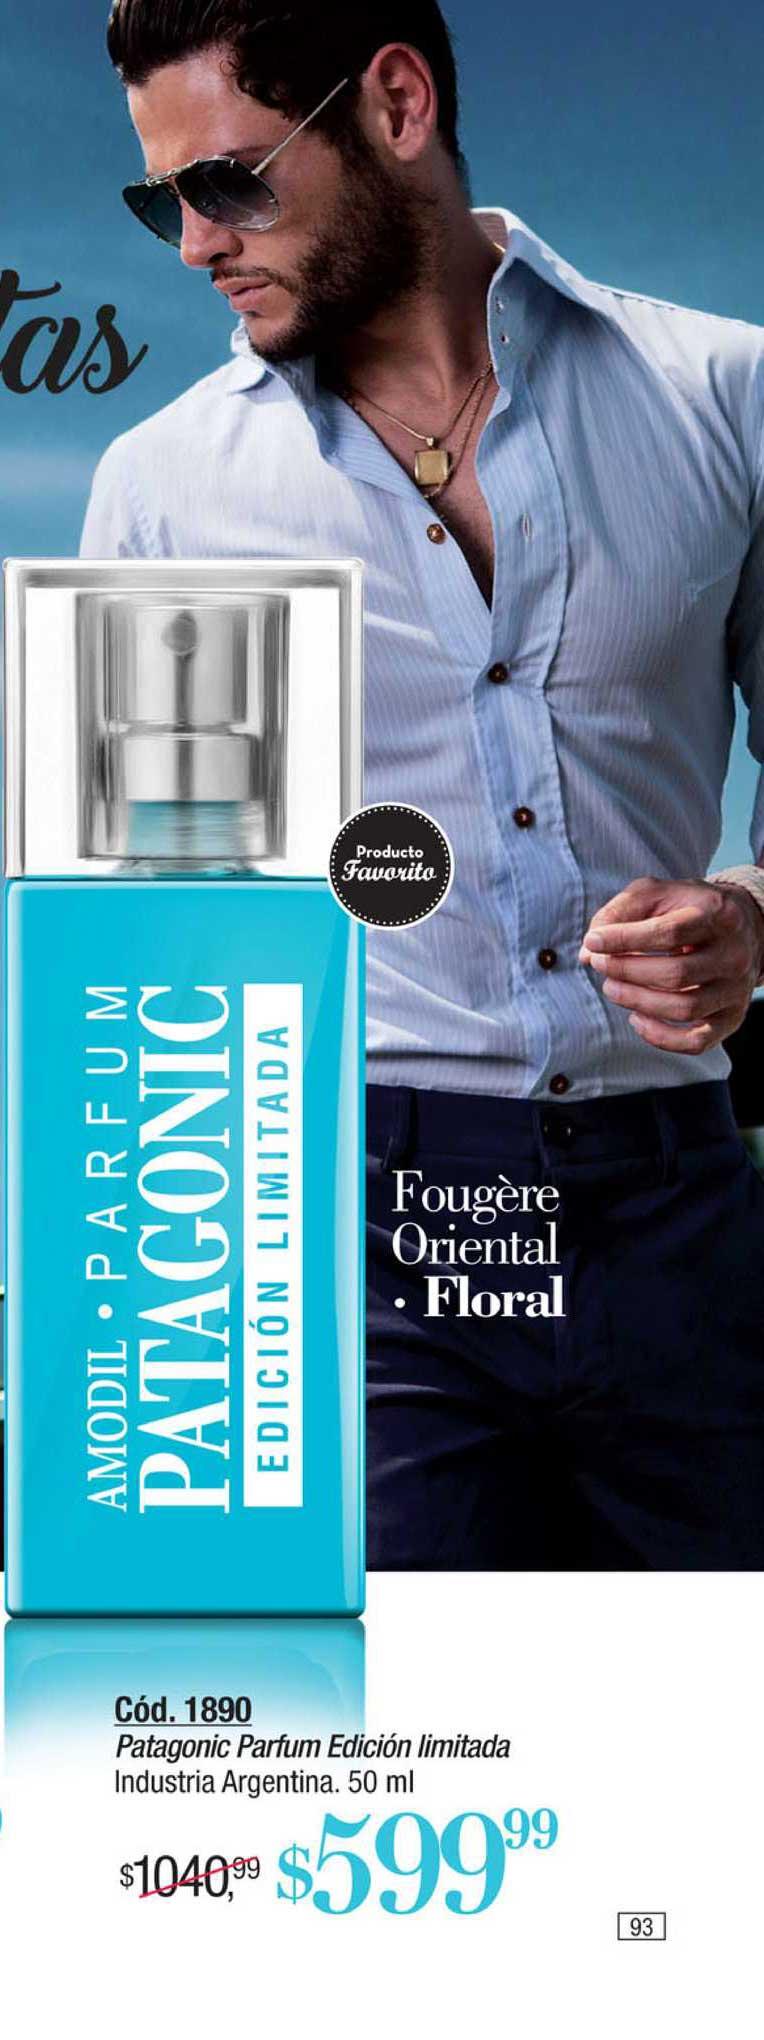 Amodil Patagonic Parfum Edición Limitada